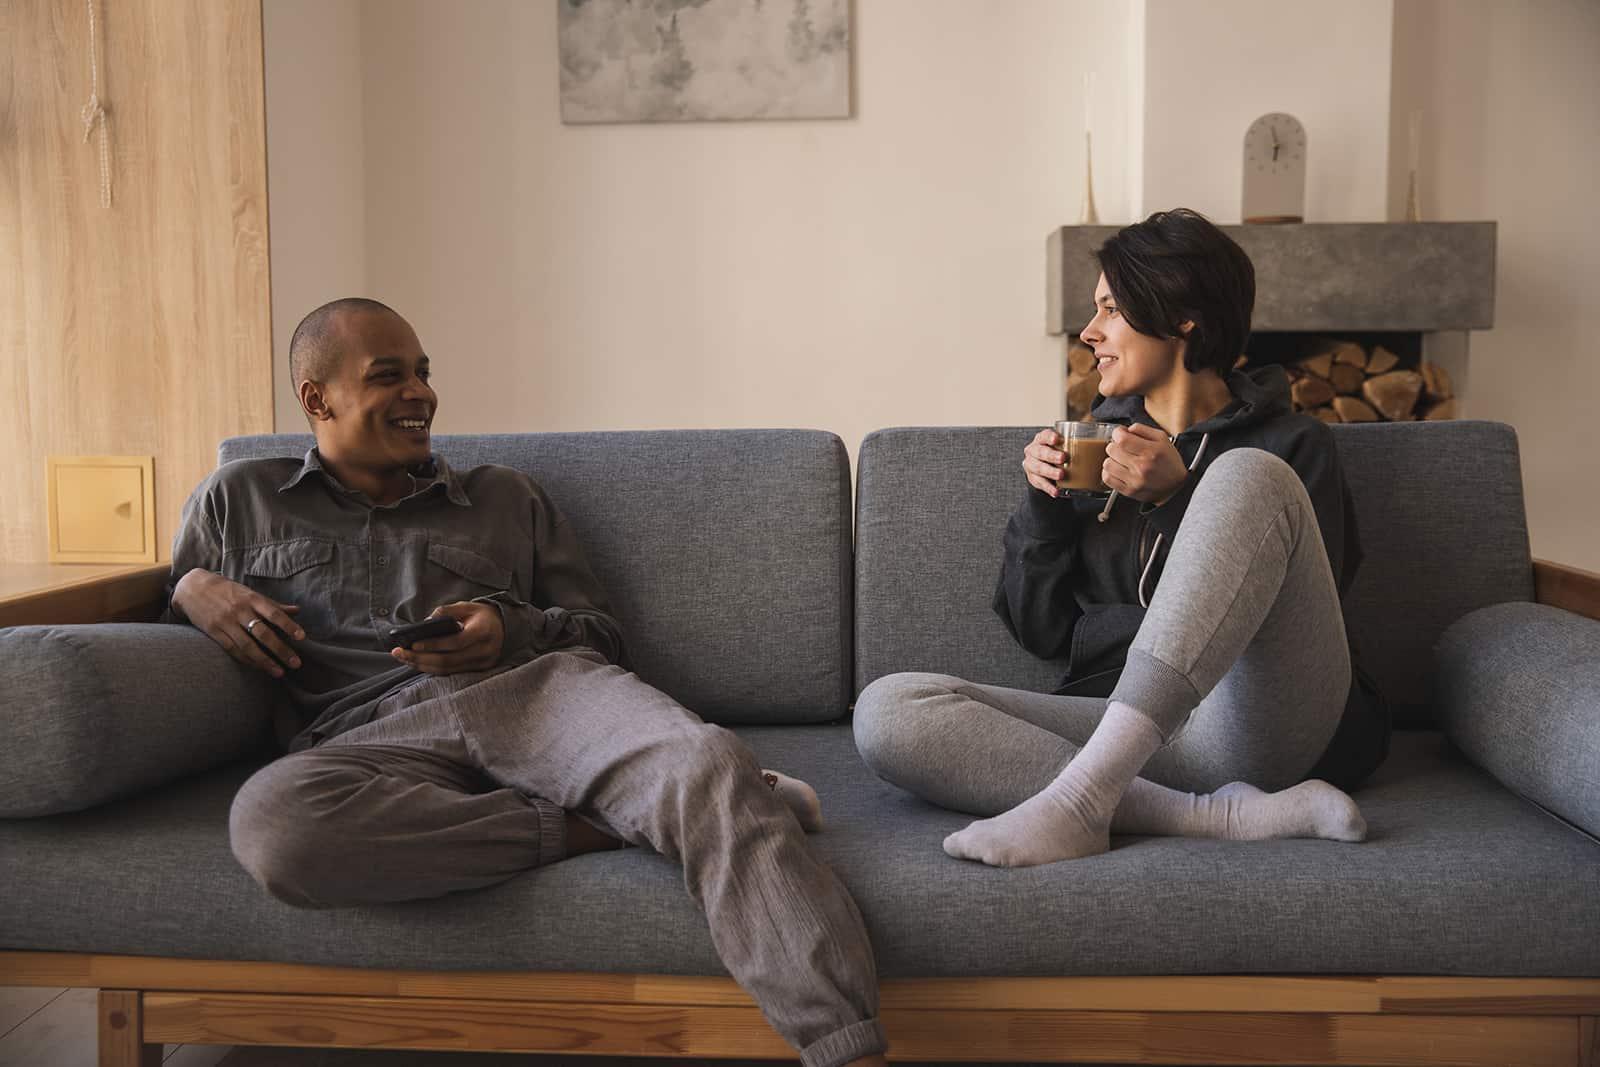 Ein Mann und eine Frau sitzen zu Hause auf der Couch und reden